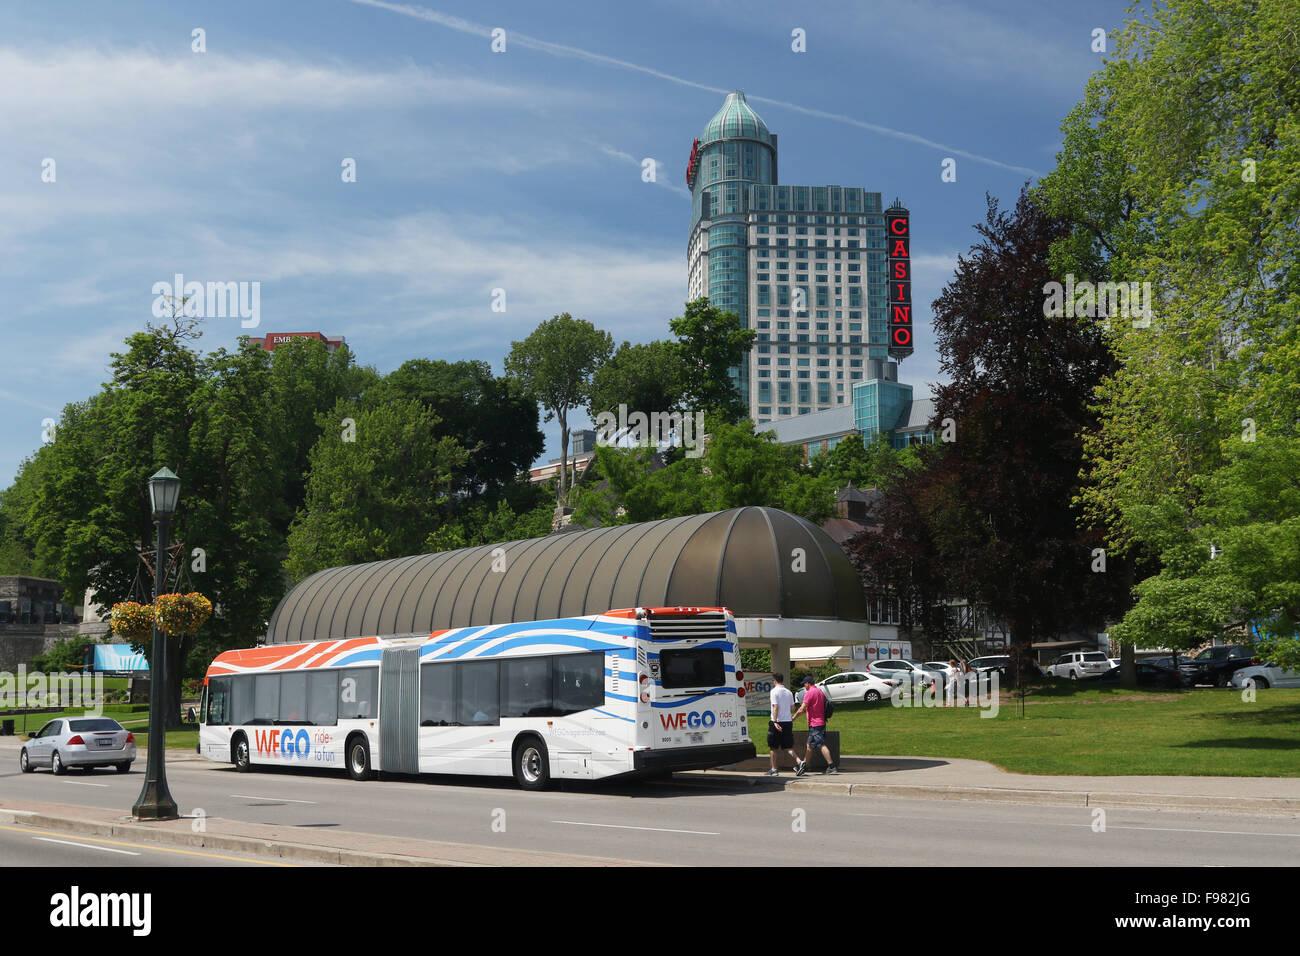 Casino niagara free bus james bond casino royal cars